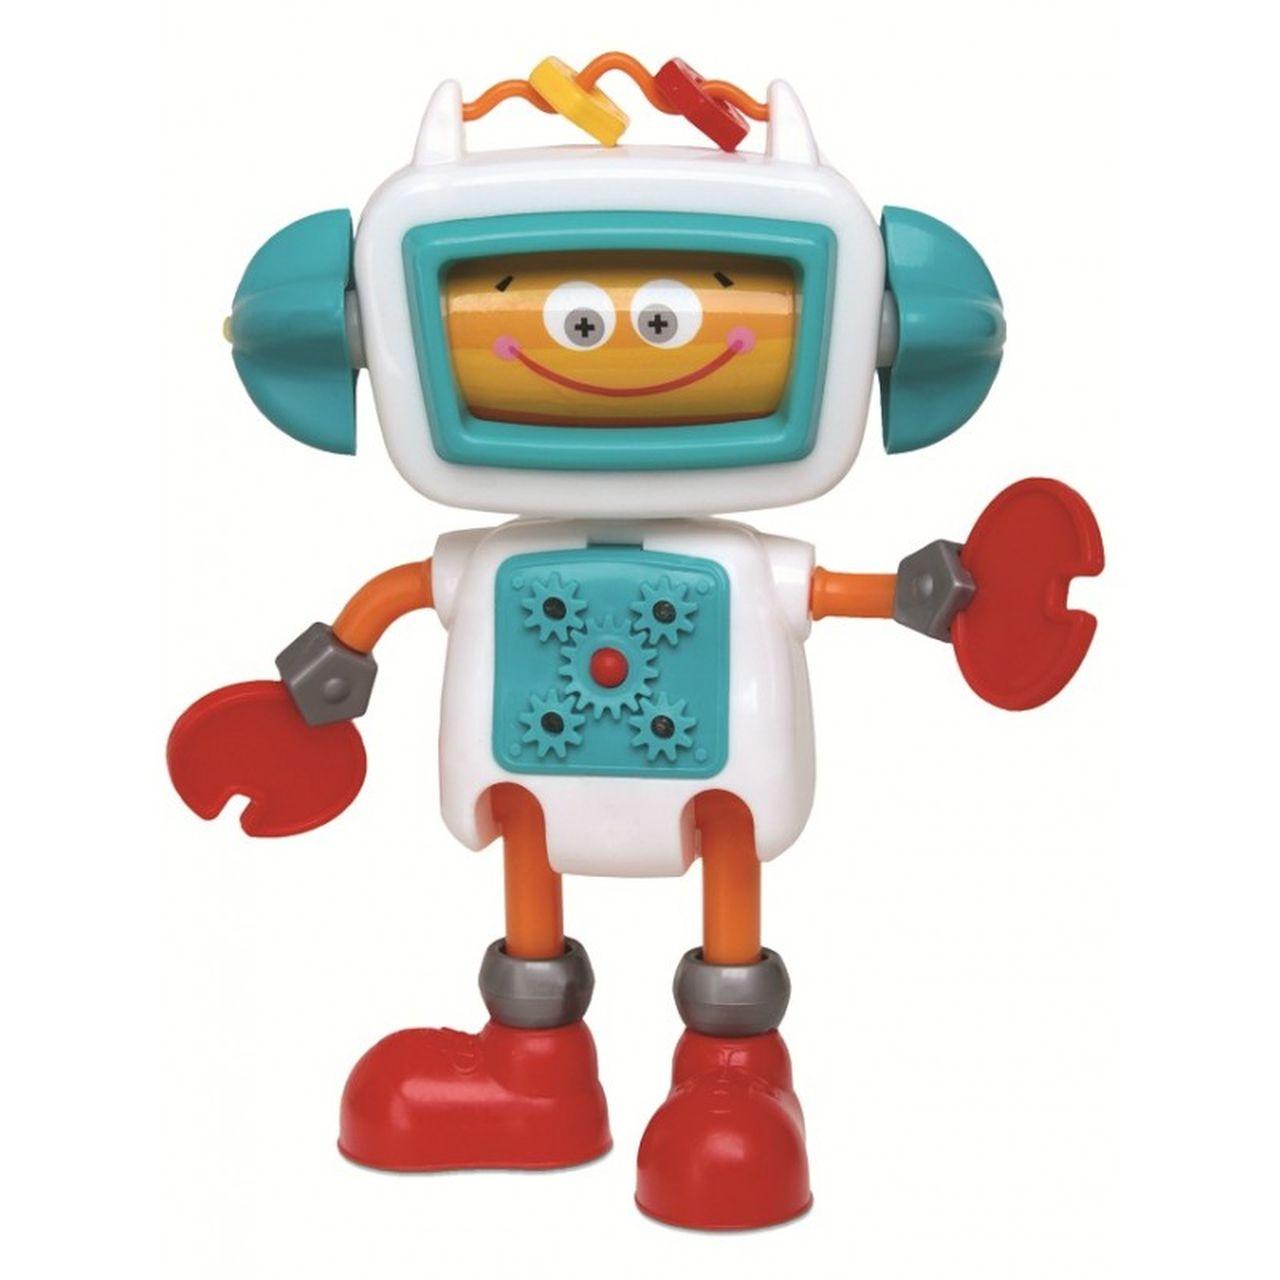 Boneco Infantil Roby Robô De Atividades - Elka